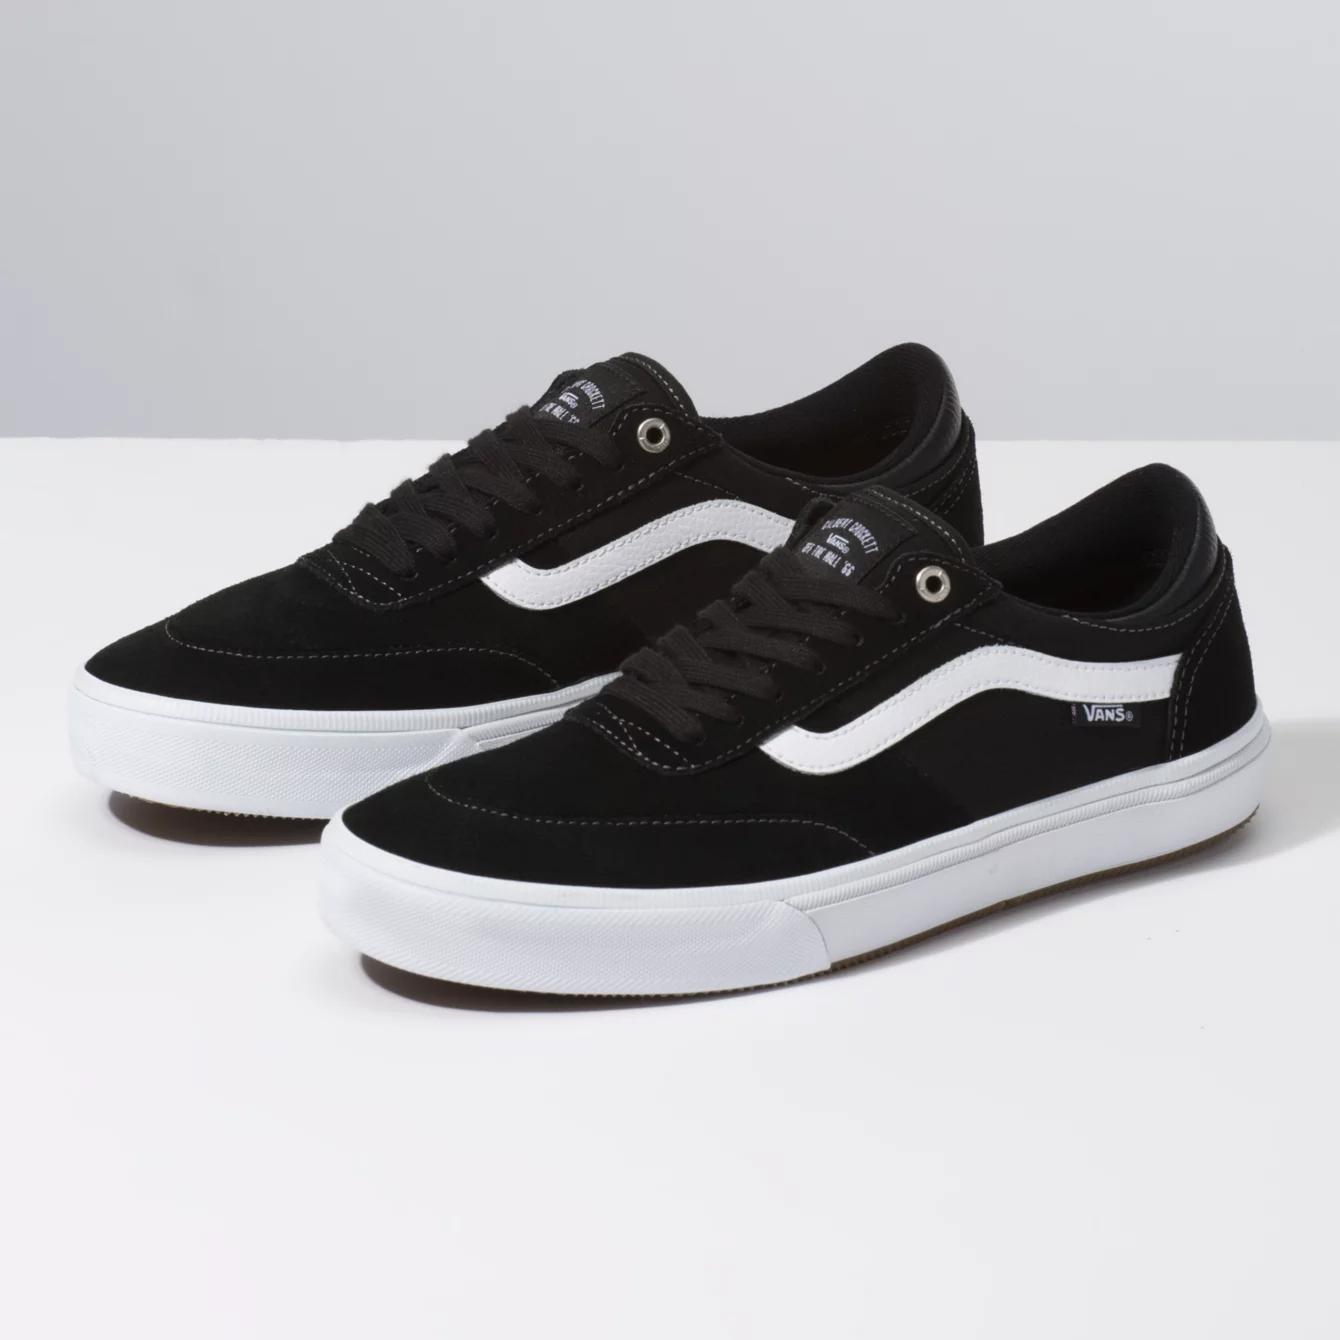 Vans Gilbert Crockett 2 Pro Skateboard Shoes